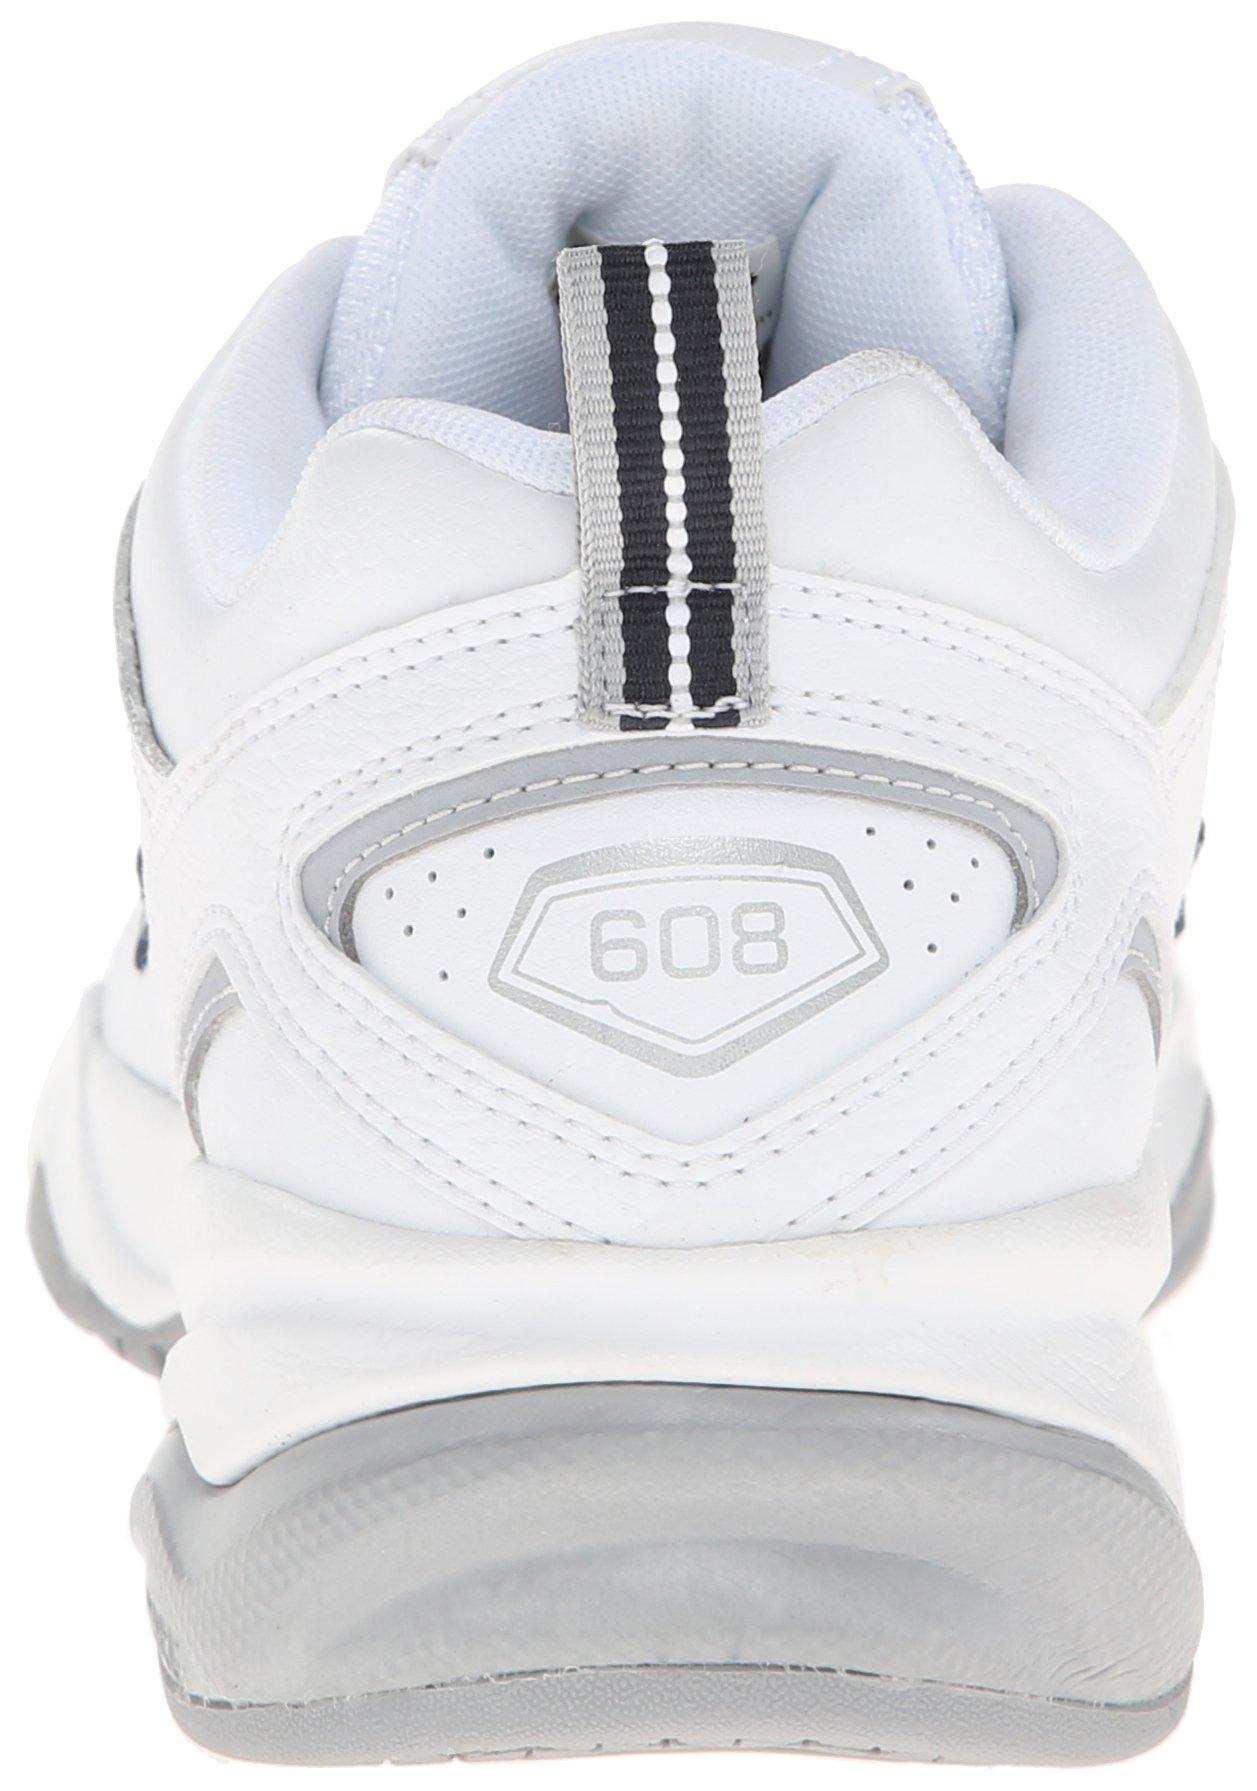 New Balance Women's WX608v4 Training Shoe, White/Navy, 8.5 D US by New Balance (Image #2)